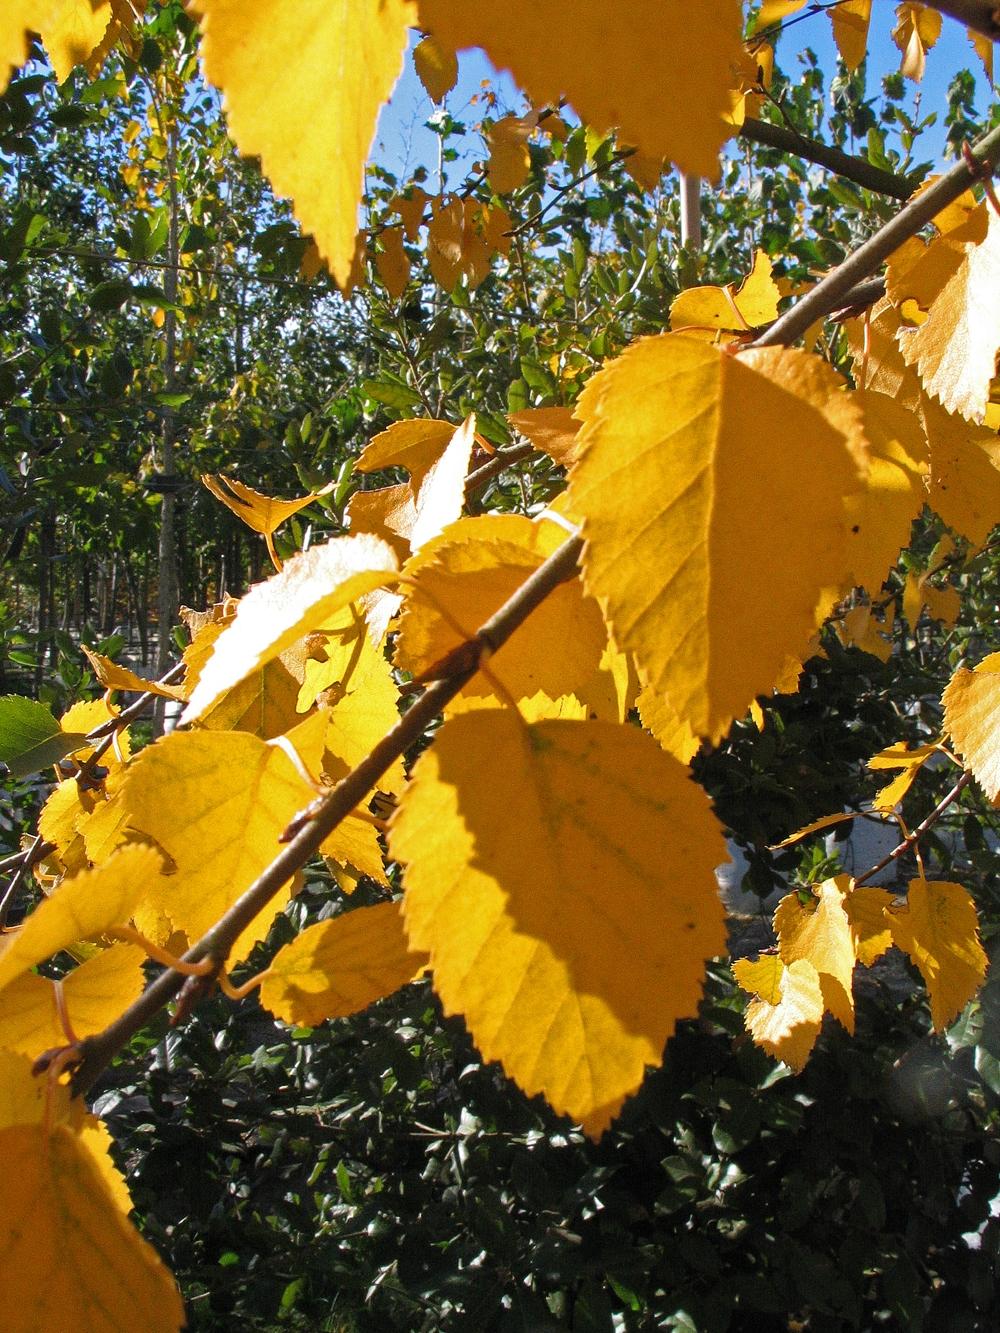 Yellow autumn foliage of Betula utilis Jacquemontii